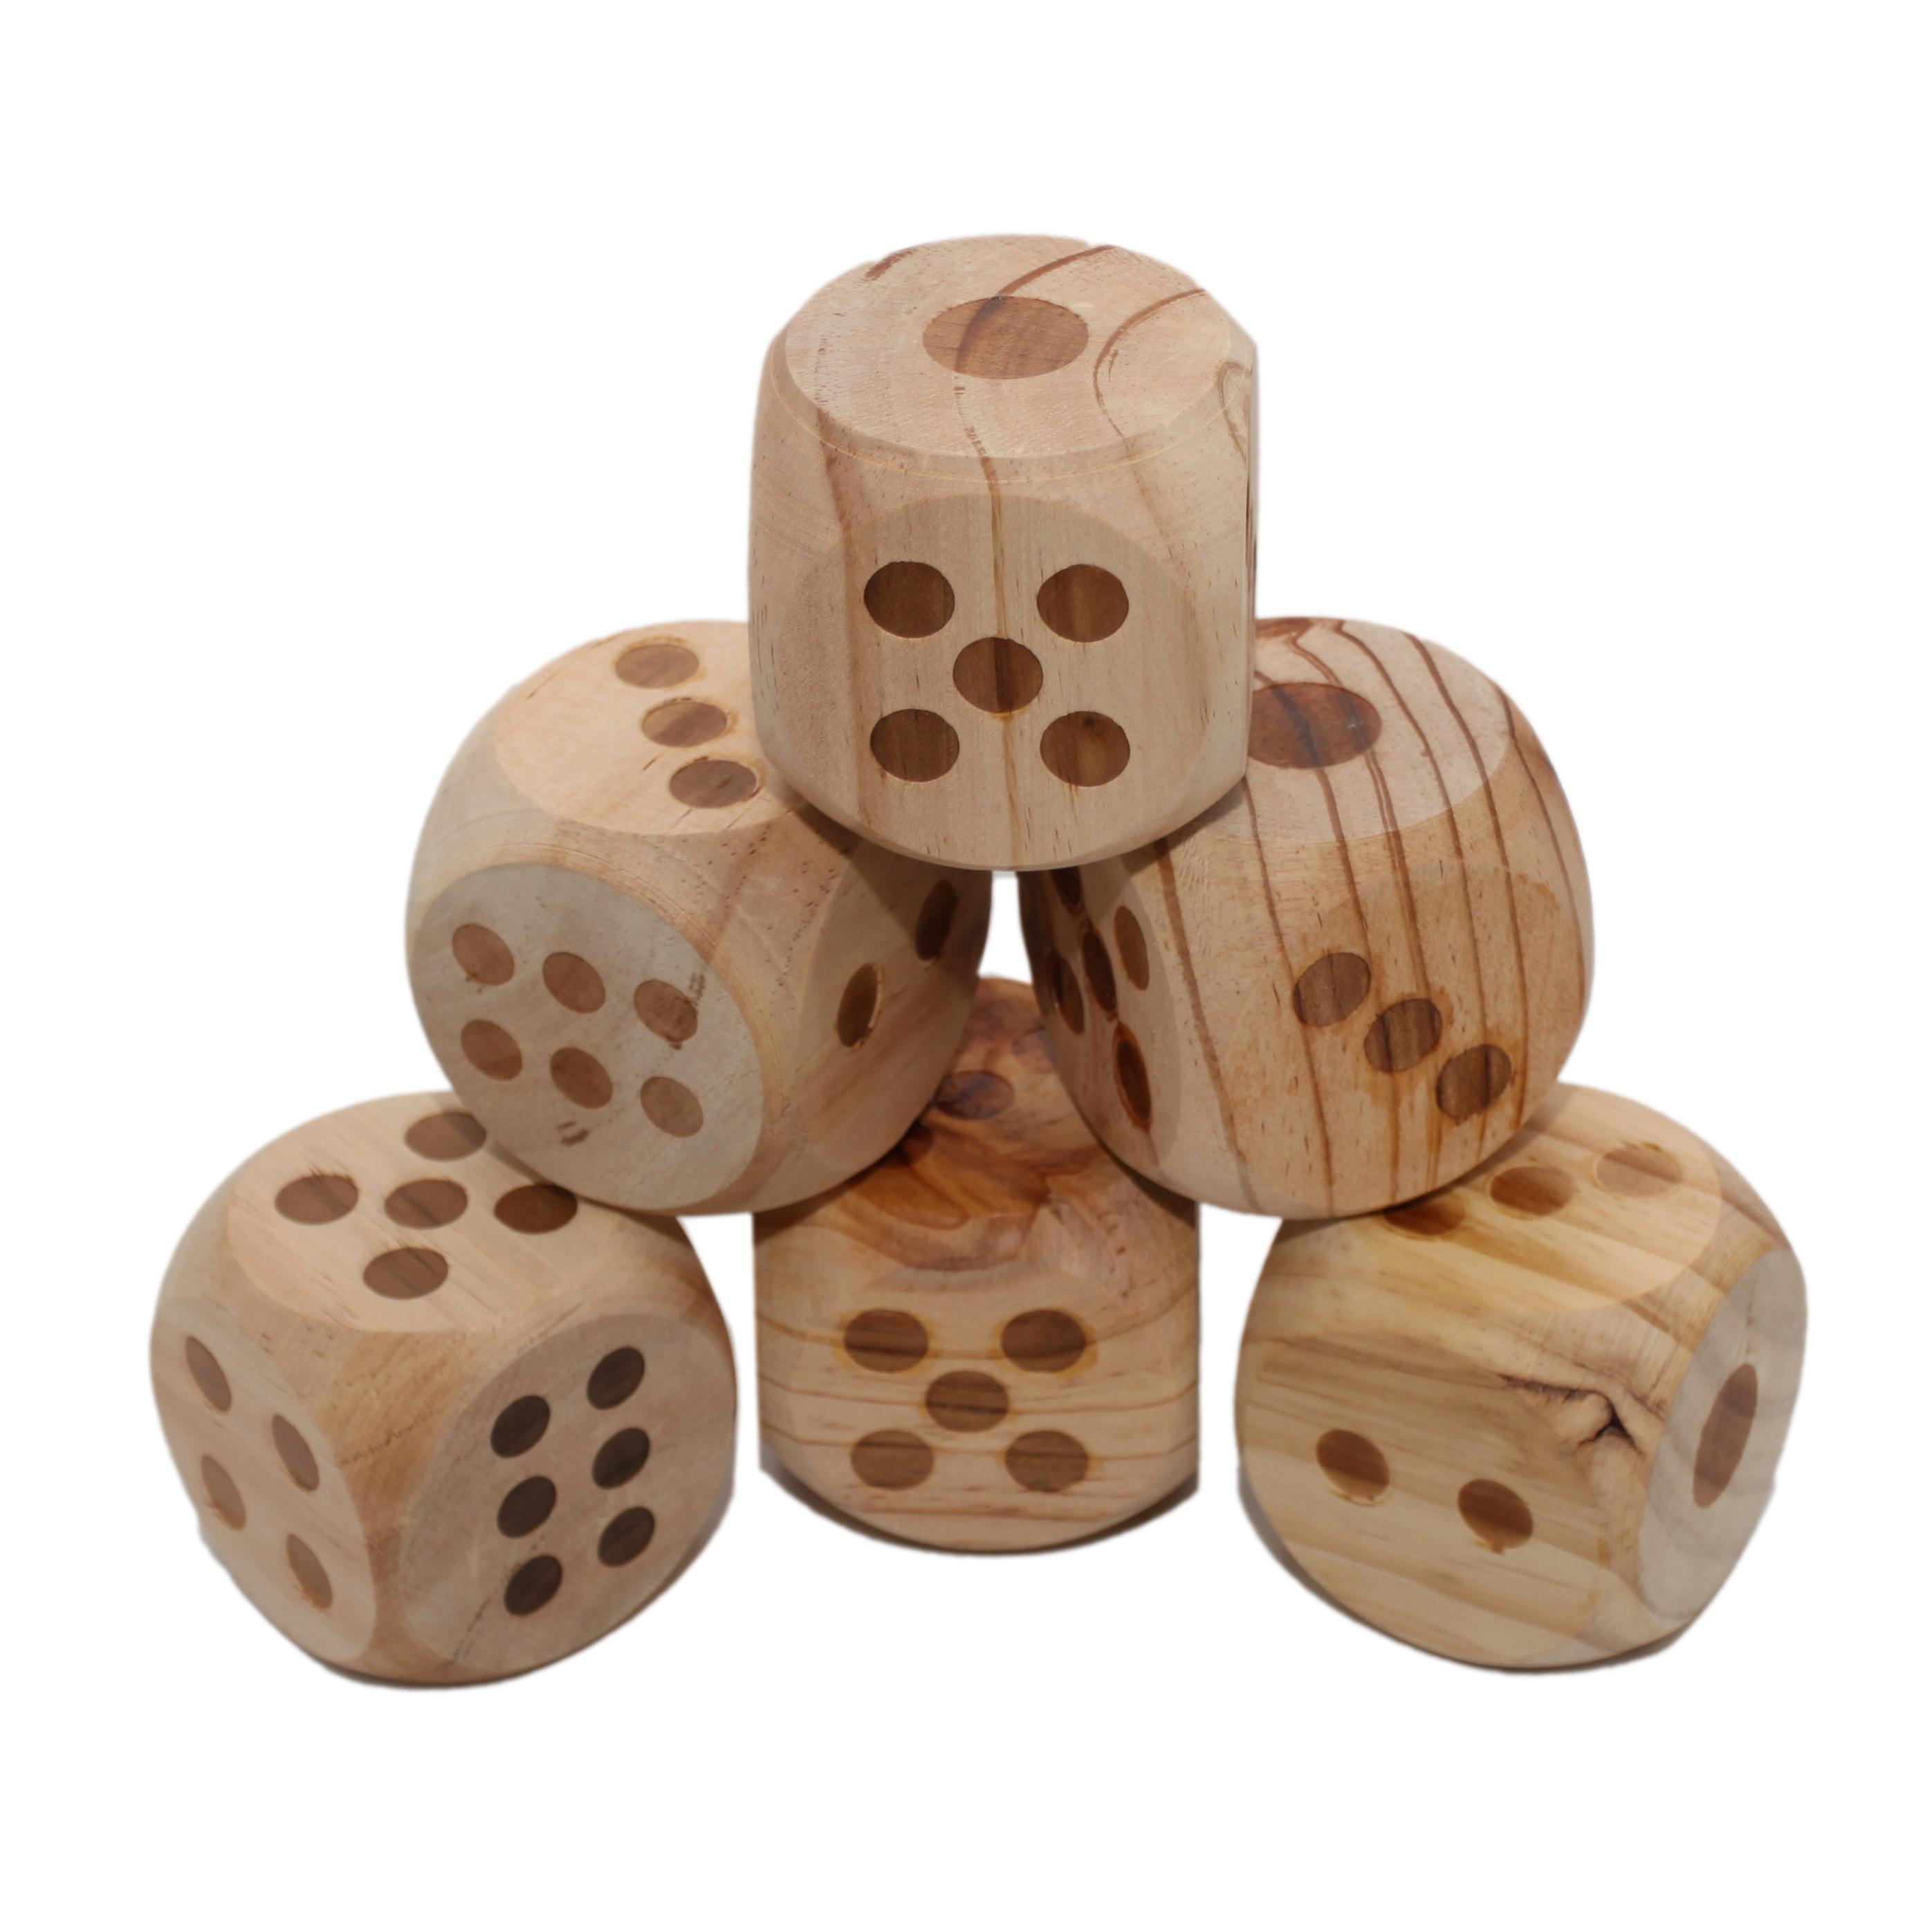 гигантские кубы дерево 6 штук